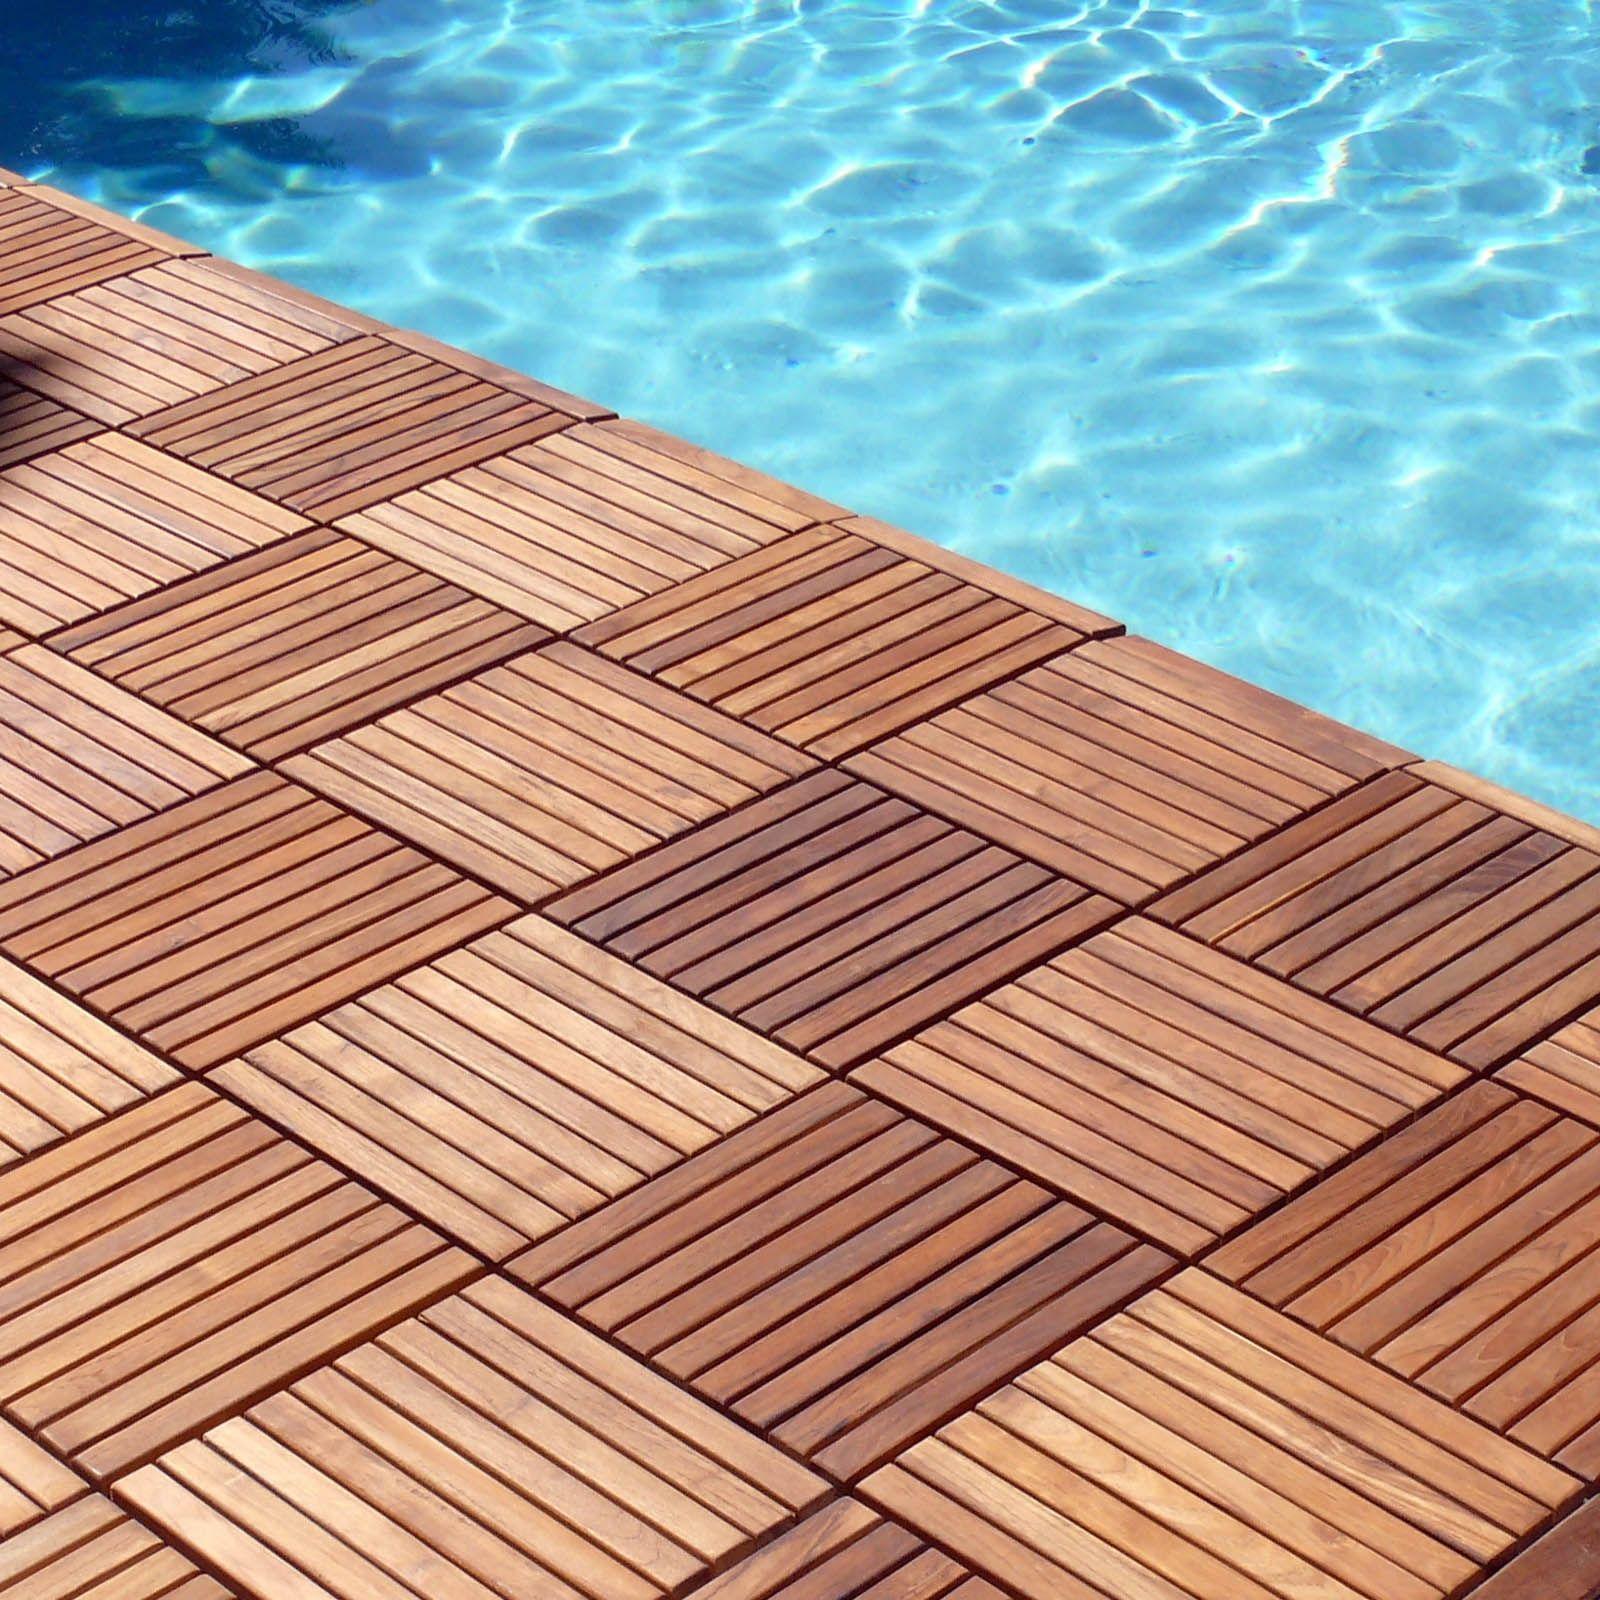 Outdoor interlocking plastic floor tiles httpnextsoft21 outdoor interlocking plastic floor tiles doublecrazyfo Images